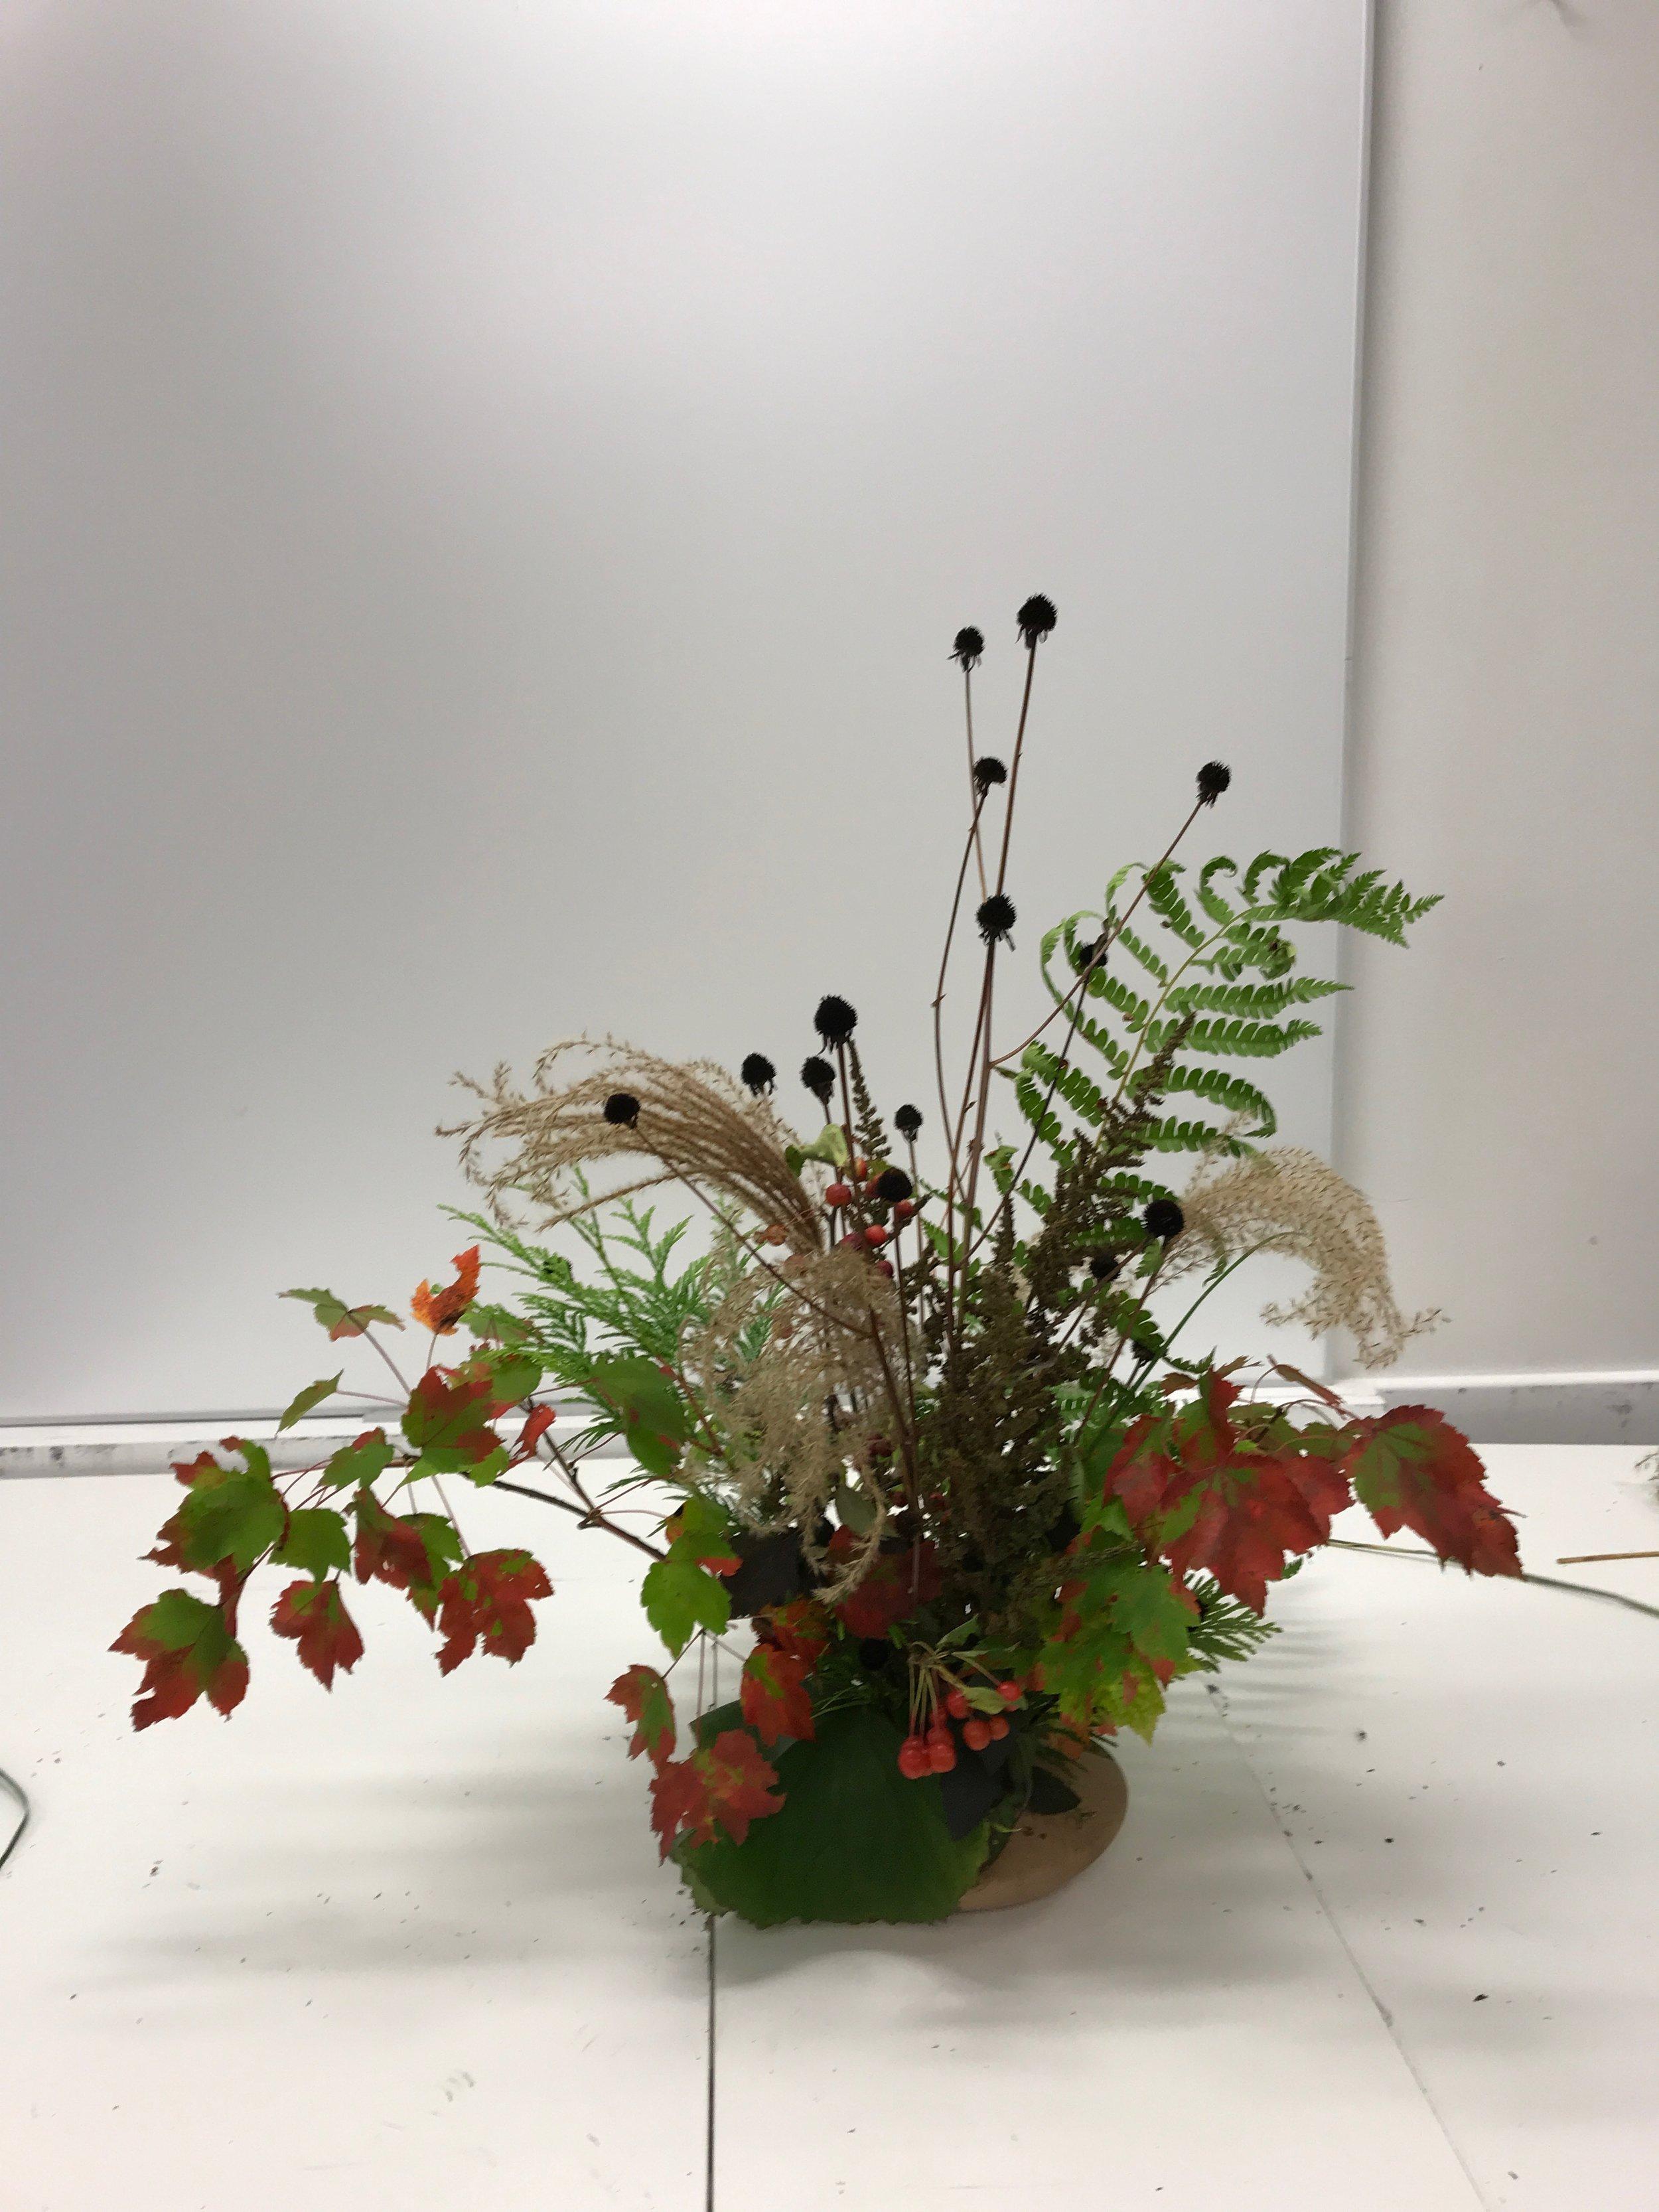 Floral workshop, 10-18-17over,  MA, October 18, 2017 - 1 of 16 (3).jpg